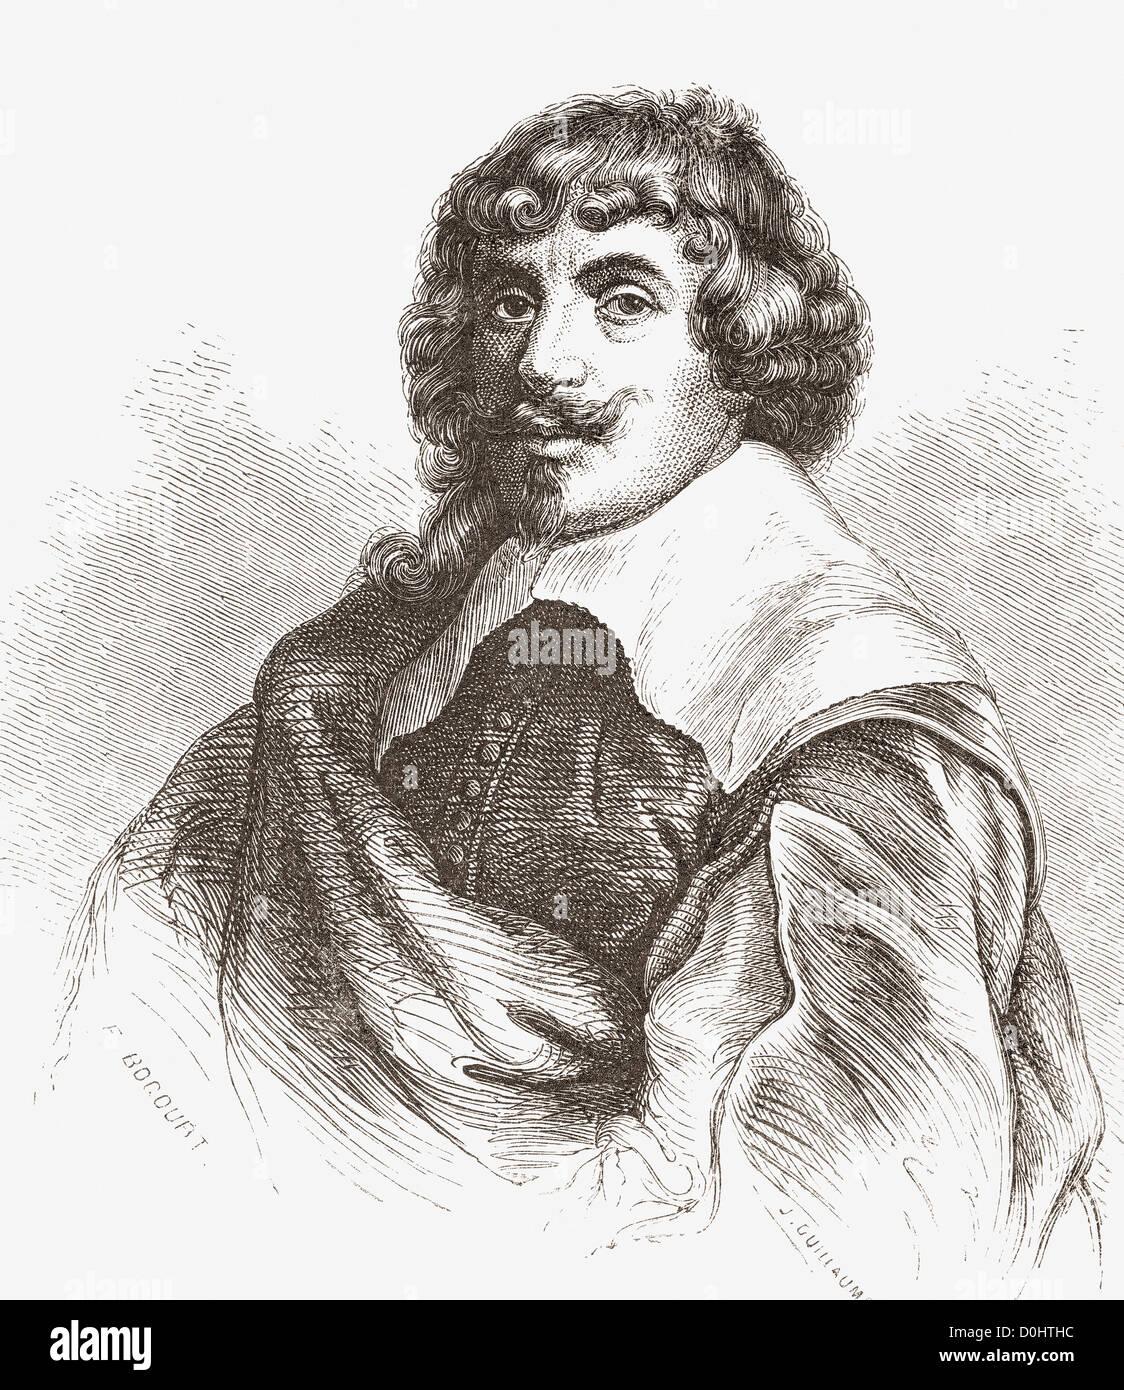 Gerard van Honthorst, 1590-1656. Holländisches goldenes Alter Maler. Stockbild